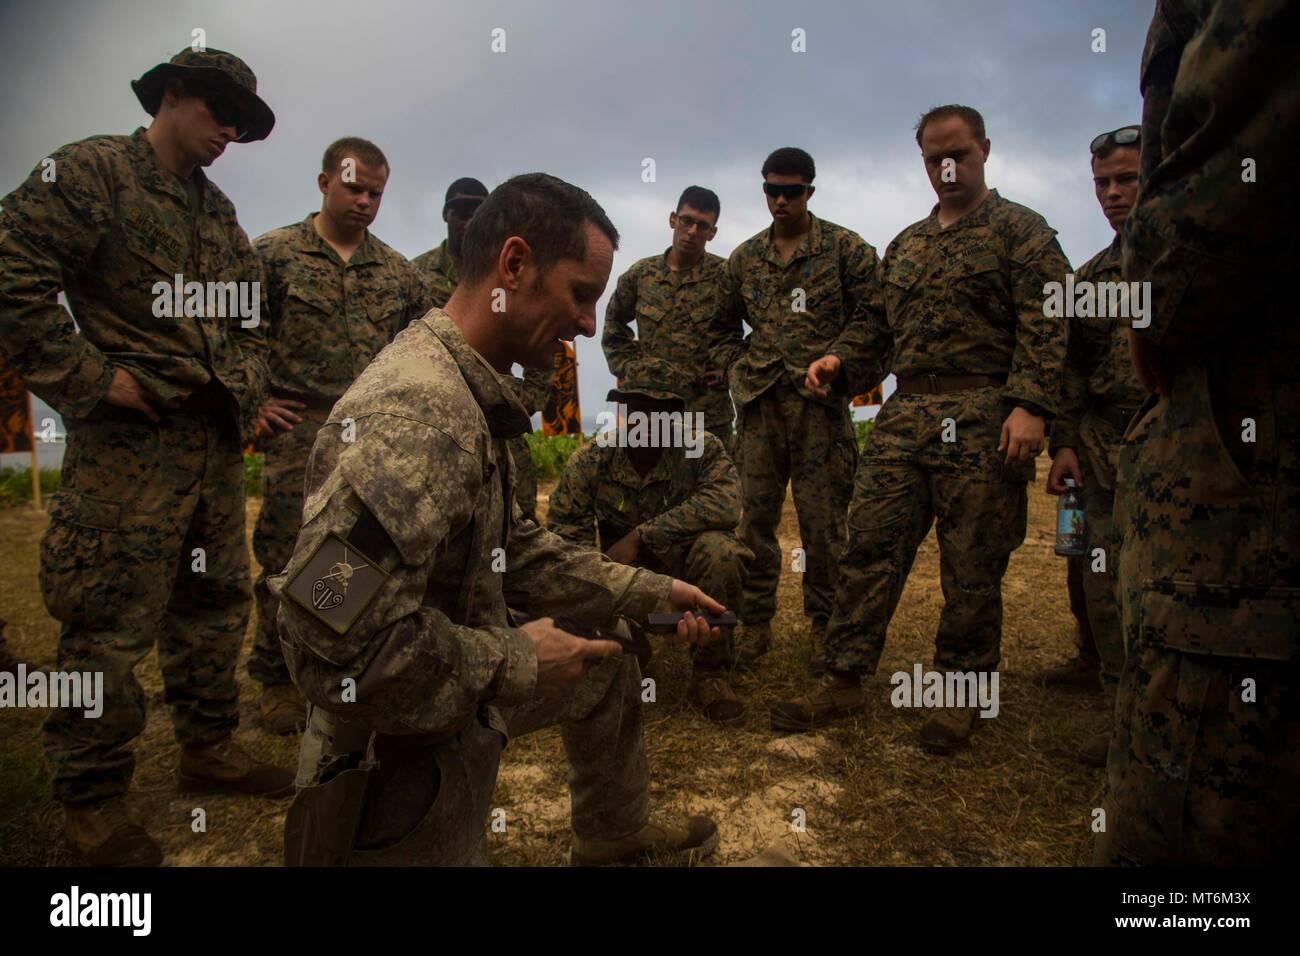 Stati Uniti Marines con 3° Battaglione 4 Marines attaccata alla Task Force Koa Moana 17, raccogliere intorno alla Nuova Zelanda Army Sgt. Il Mag. Paolo Buckley come spiega la glock 17 weapon system durante l'esercizio TAFAKULA, sull isola di Tongatapu, Tonga, luglio 21, 2017. Esercizio TAFAKULA è progettata per rafforzare le strutture militari e le relazioni tra comunità tra Tonga di Sua Maestà delle Forze Armate, Esercito francese della Nuova Caledonia, Nuova Zelanda forza di difesa e le forze armate degli Stati Uniti hanno. (U.S. Marine Corps photo by MCIPAC combattere lancia fotocamera Cpl. Juan C. Bustos) Foto Stock